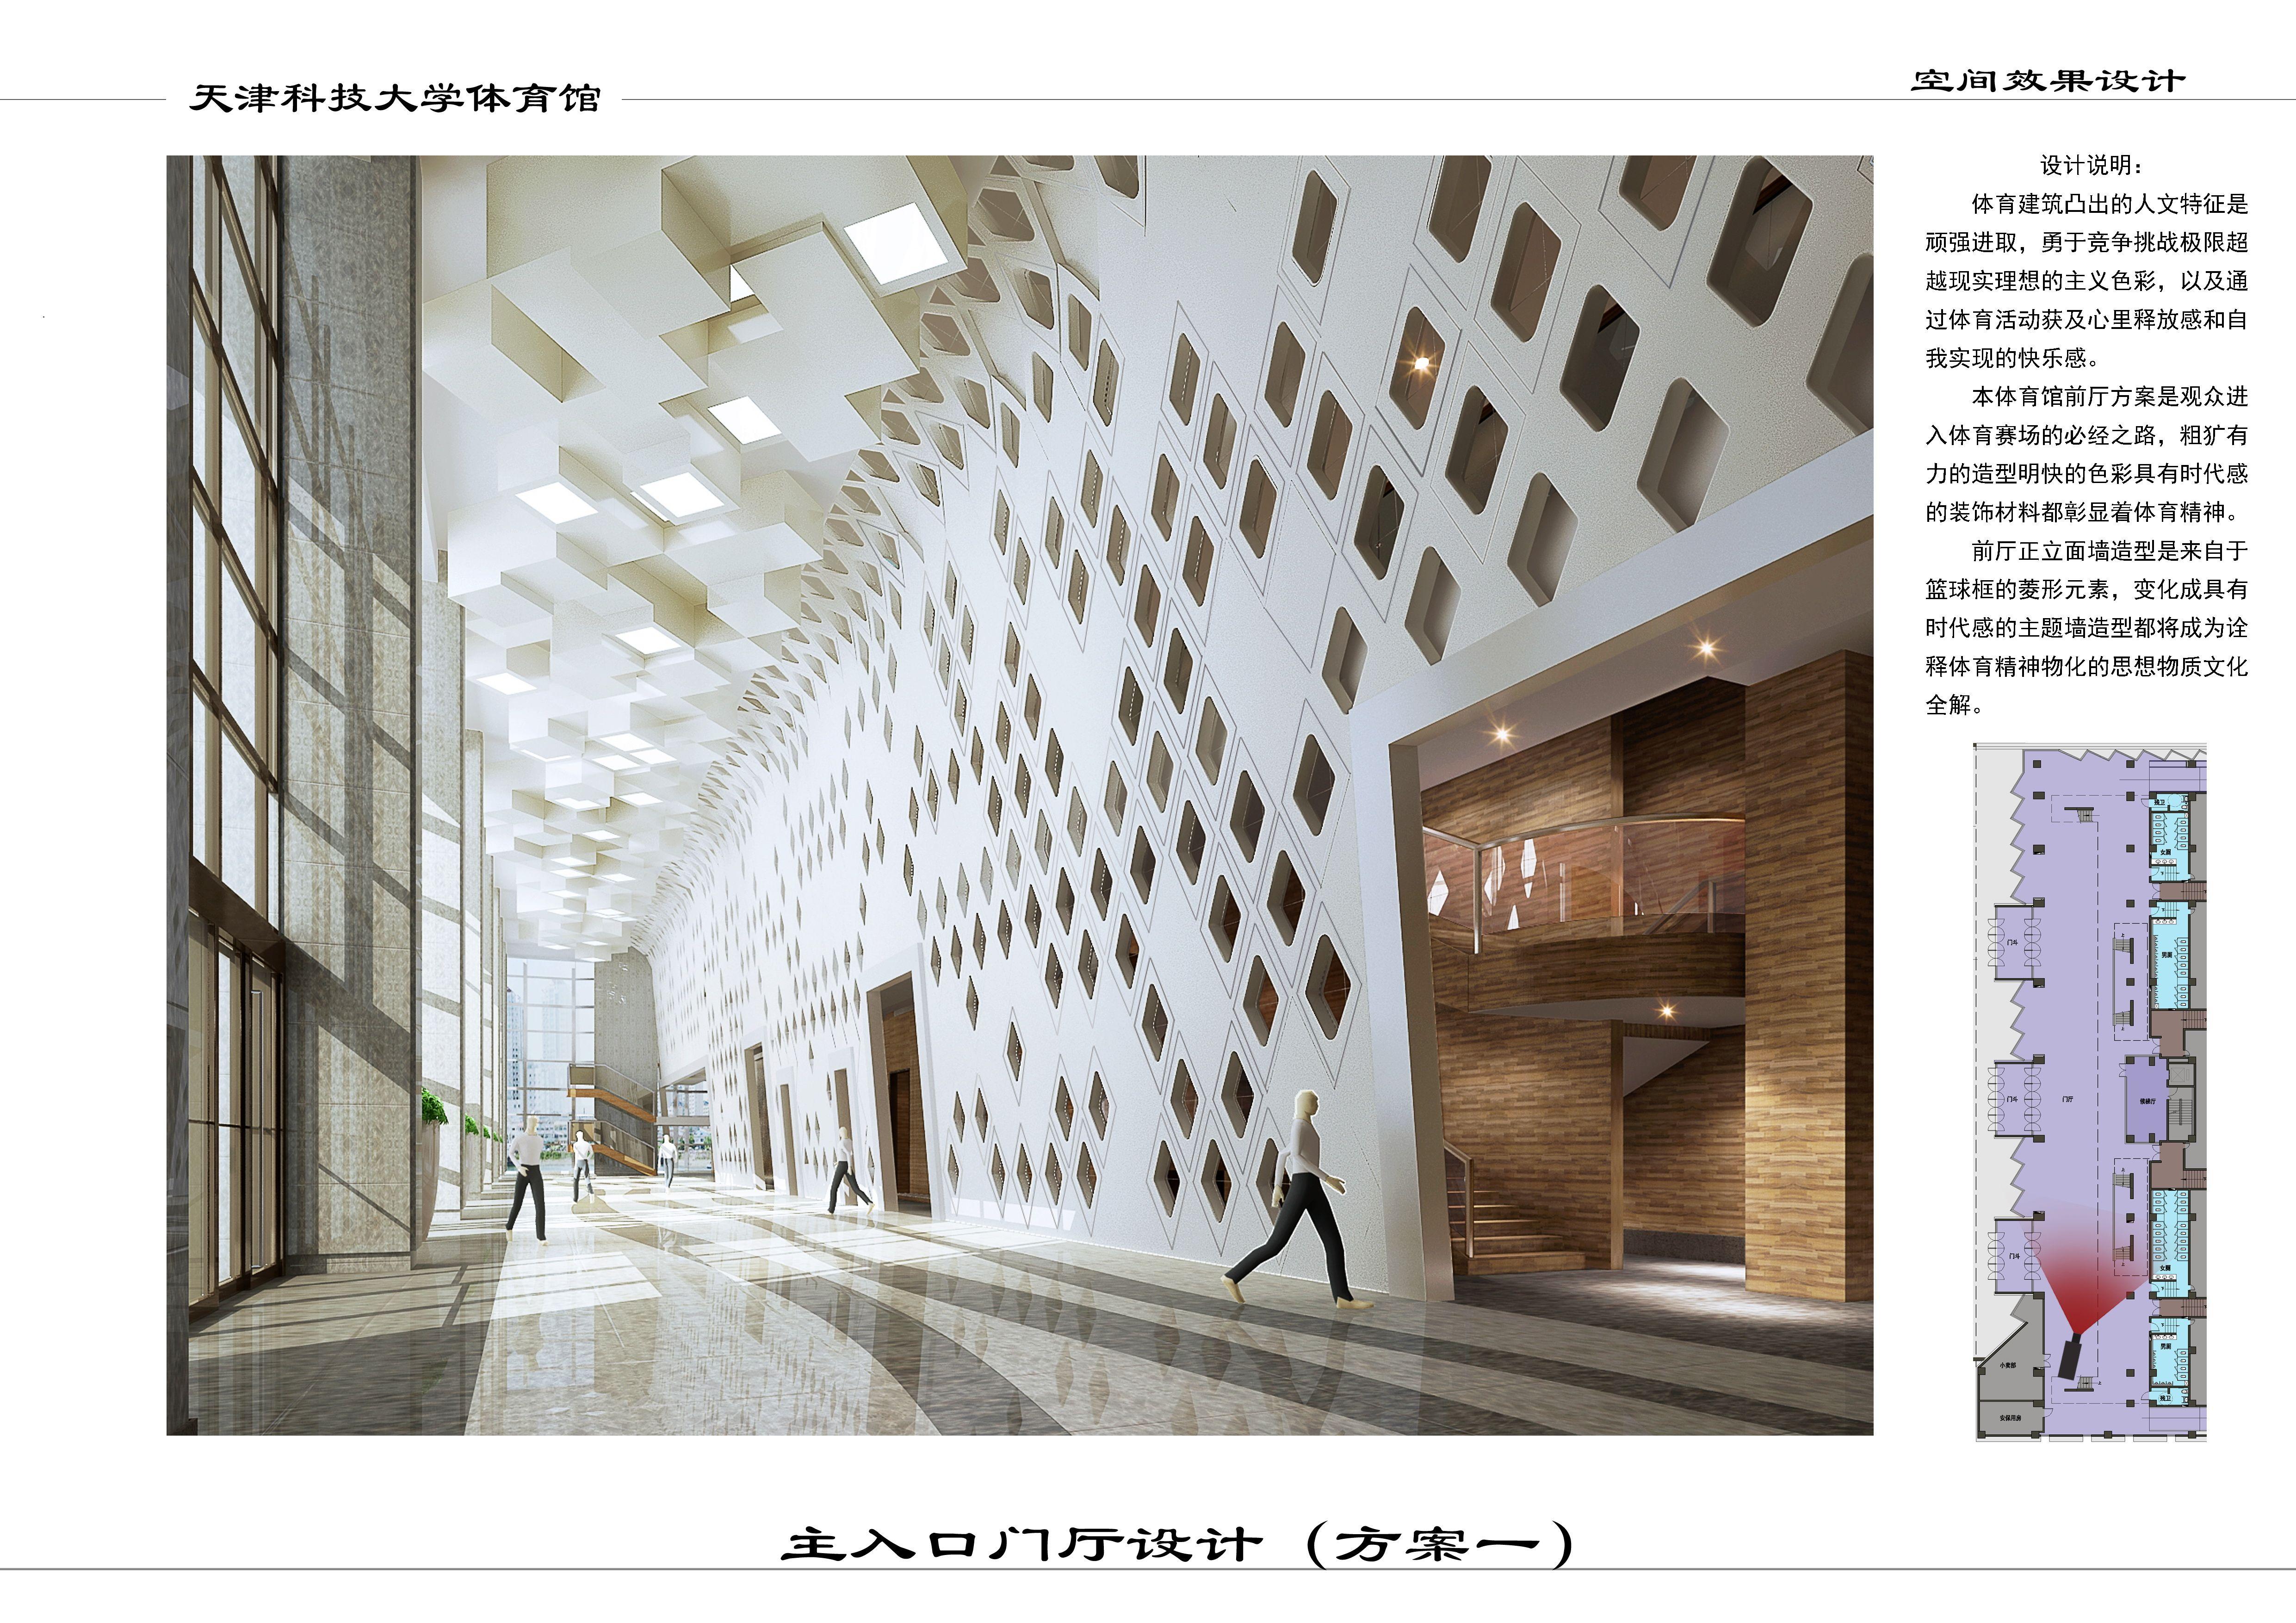 天津科技大学体育馆室内设计